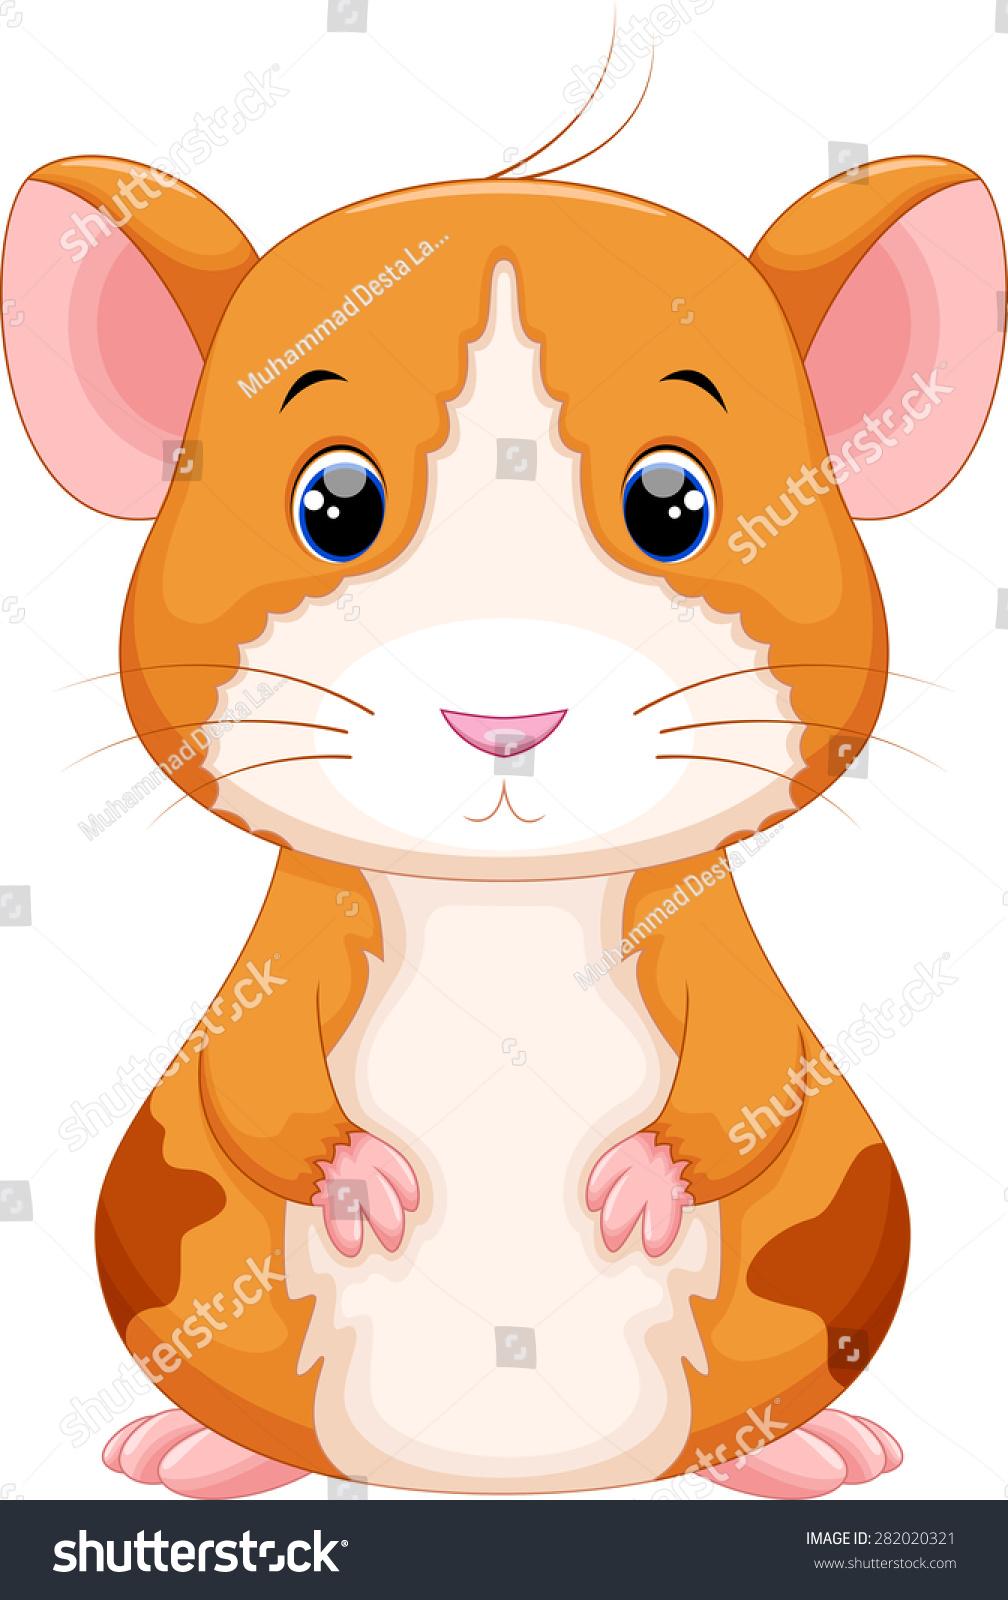 可爱的仓鼠卡通-动物/野生生物-海洛创意(hellorf)--.